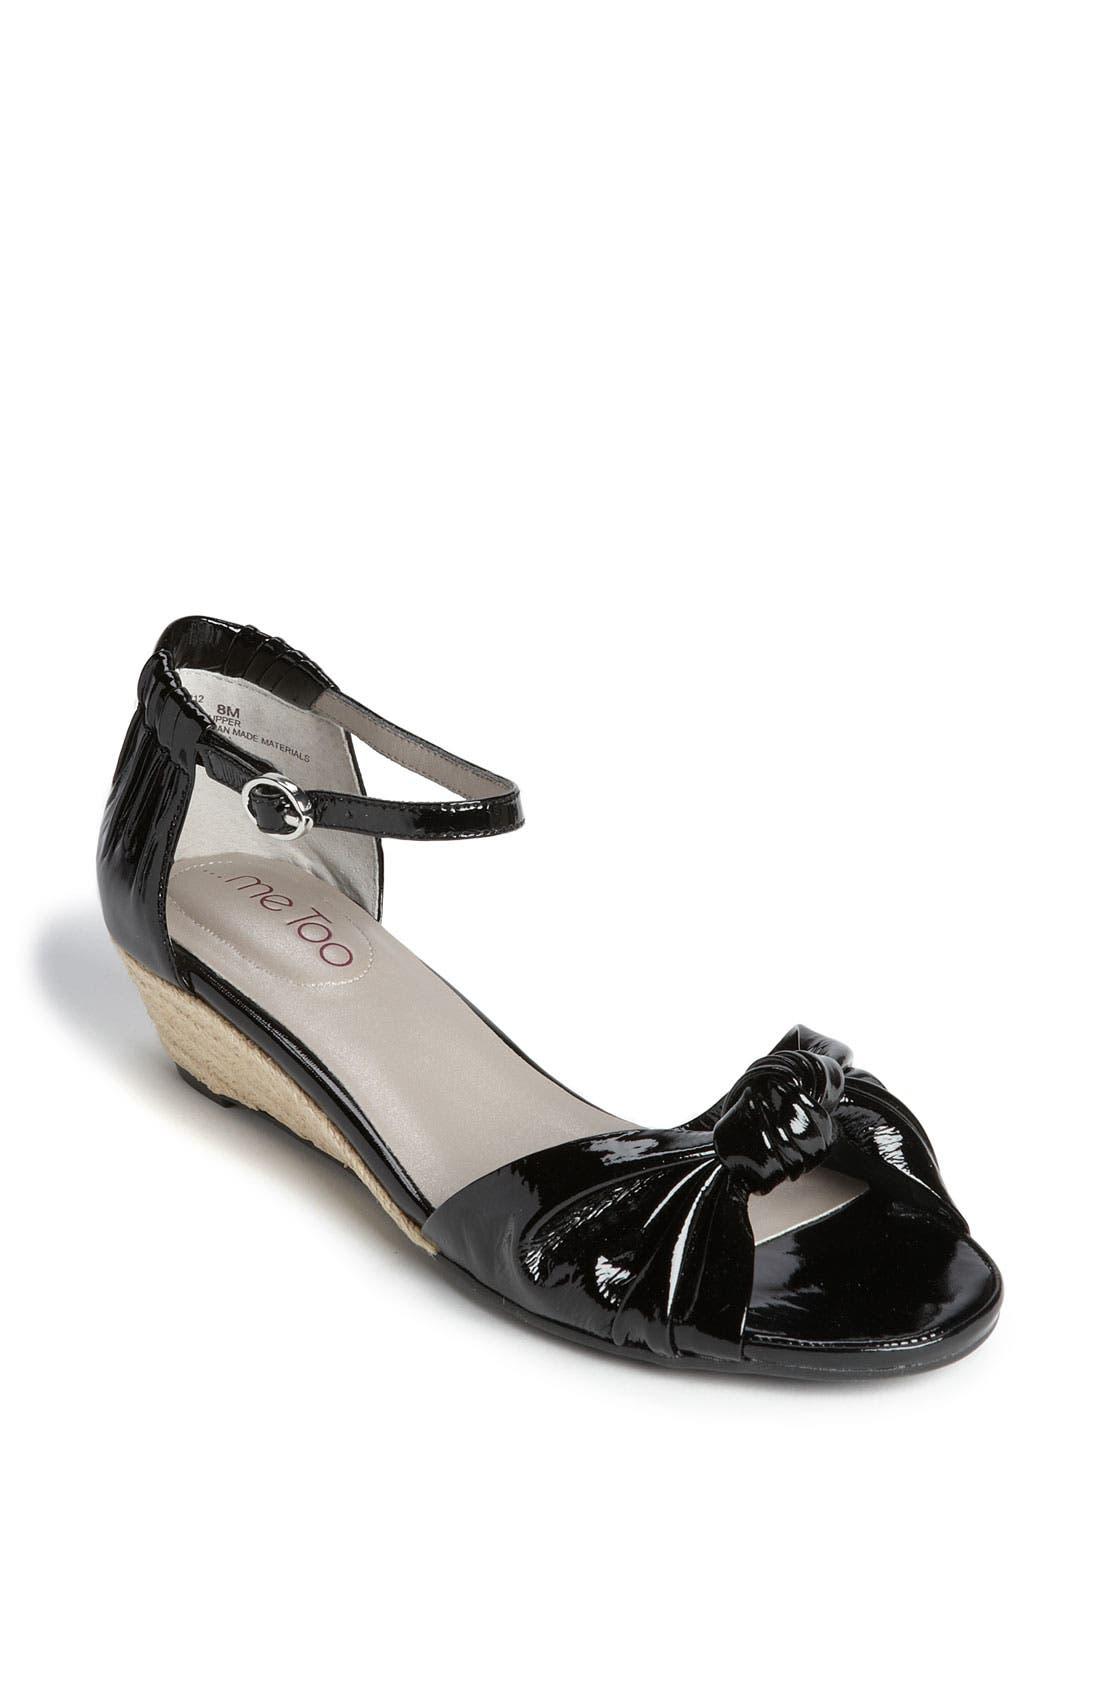 Alternate Image 1 Selected - Me Too 'Sadie' Wedge Sandal